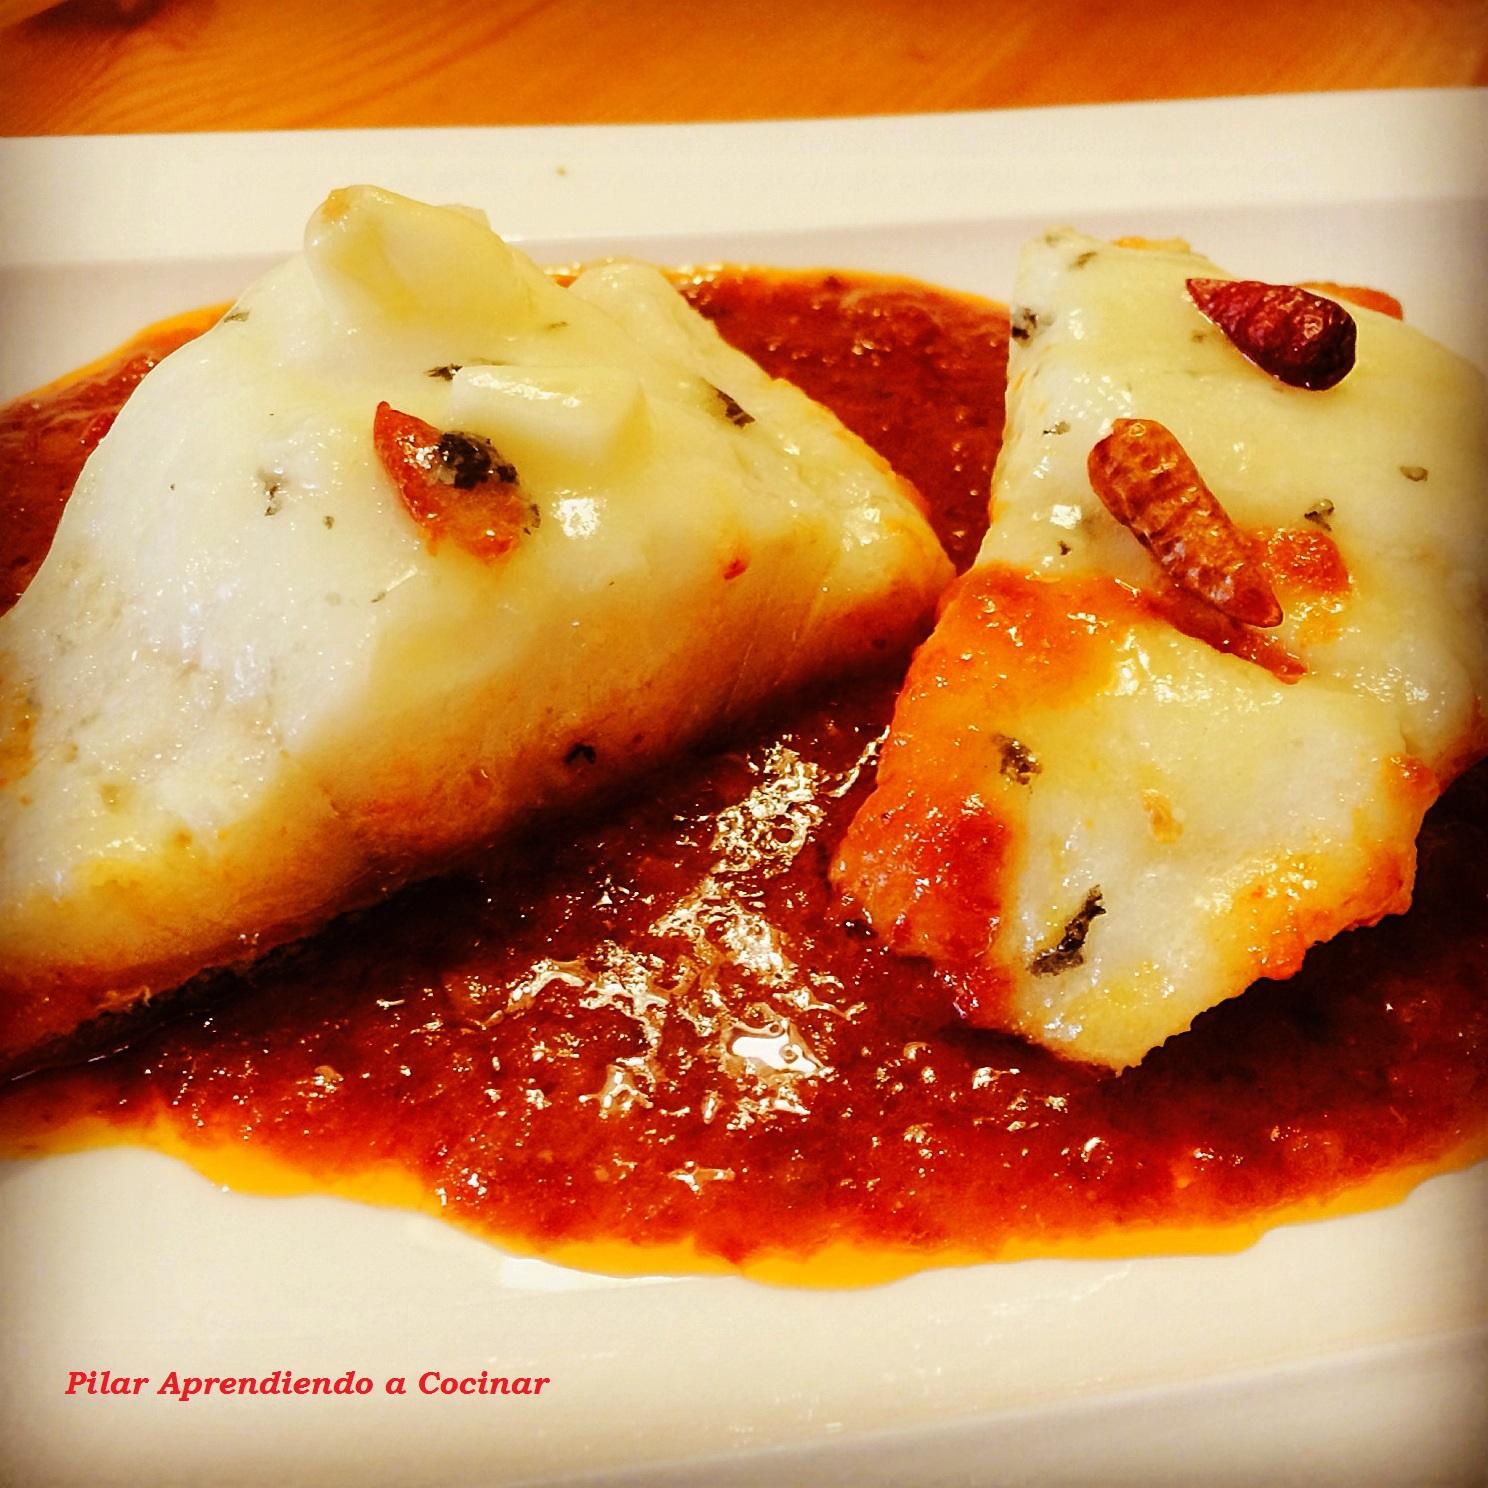 Aprendiendo a cocinar bacalao club ranero - Cocinar bacalao desalado ...